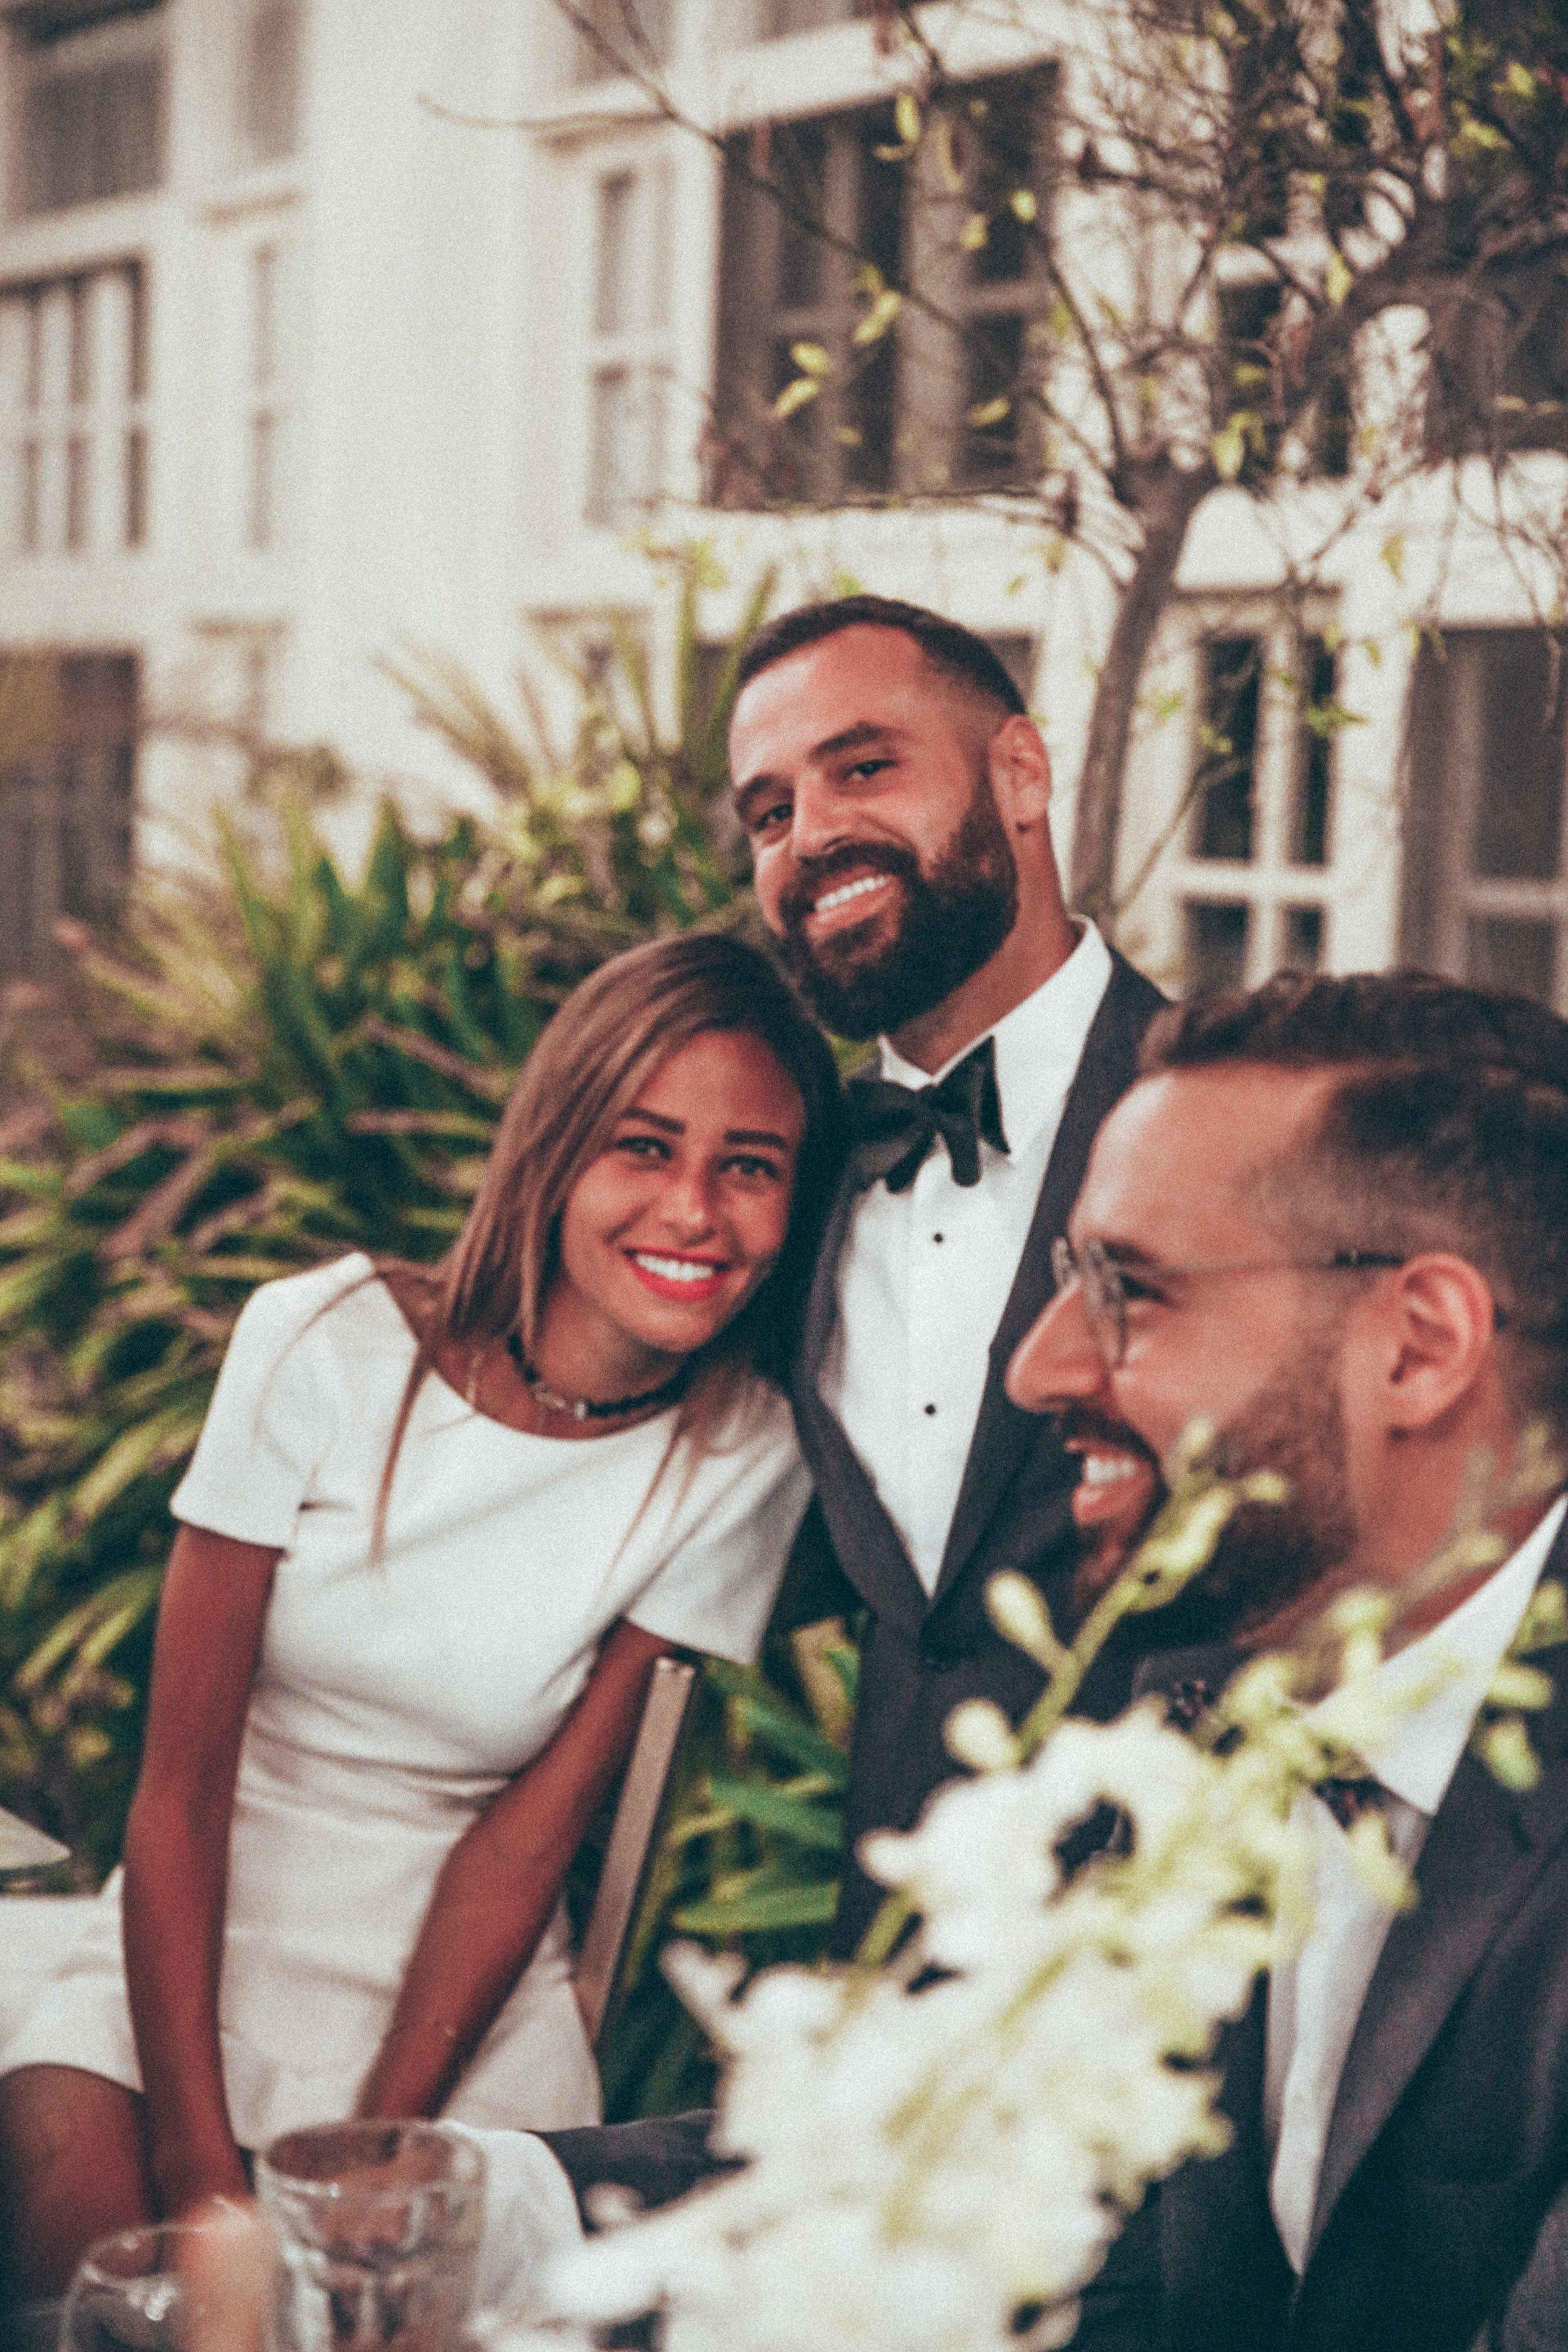 wedding-3447.jpg